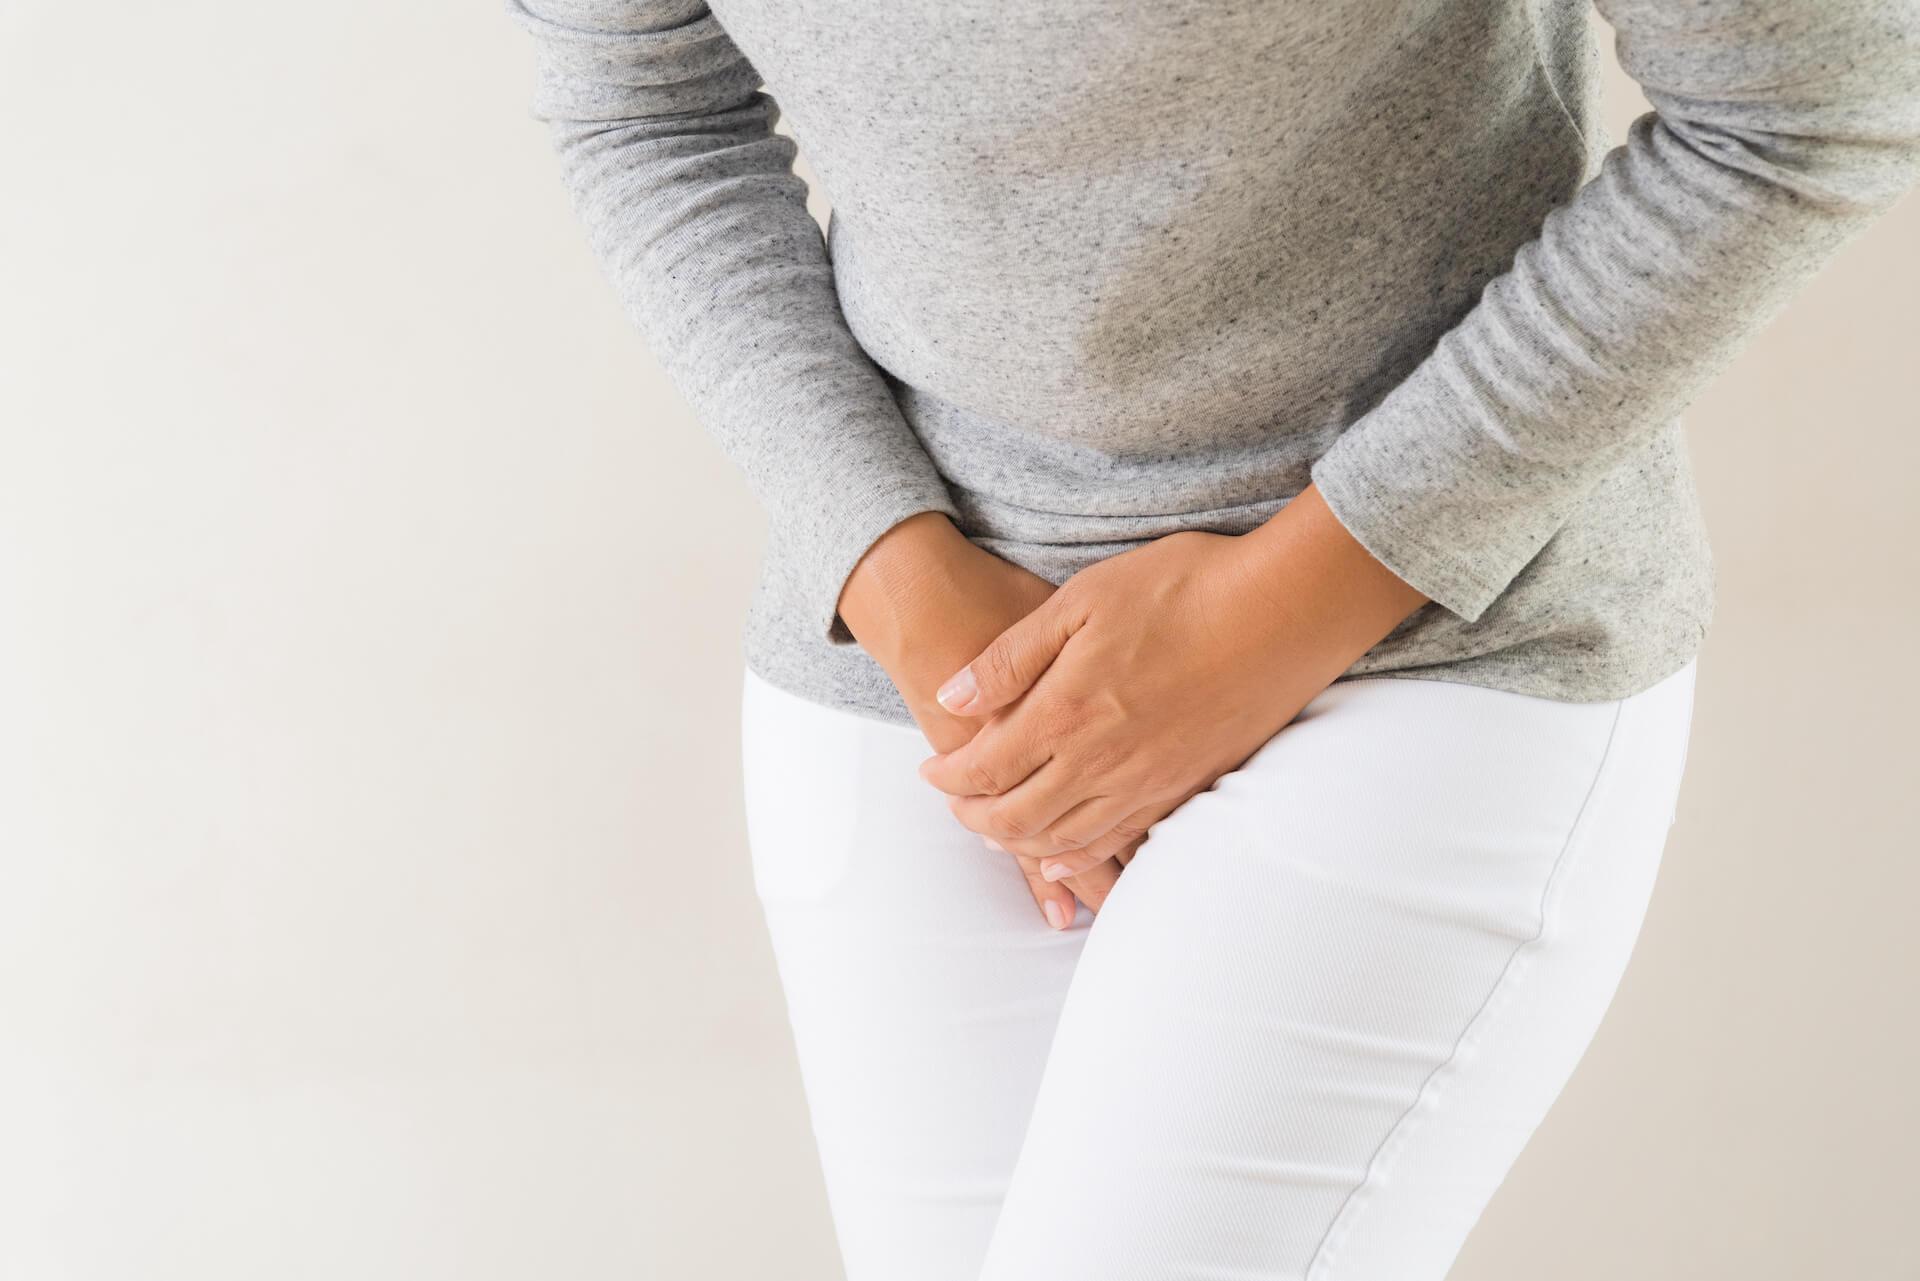 Az enyhe inkontinencia kezelése házilag is lehetséges